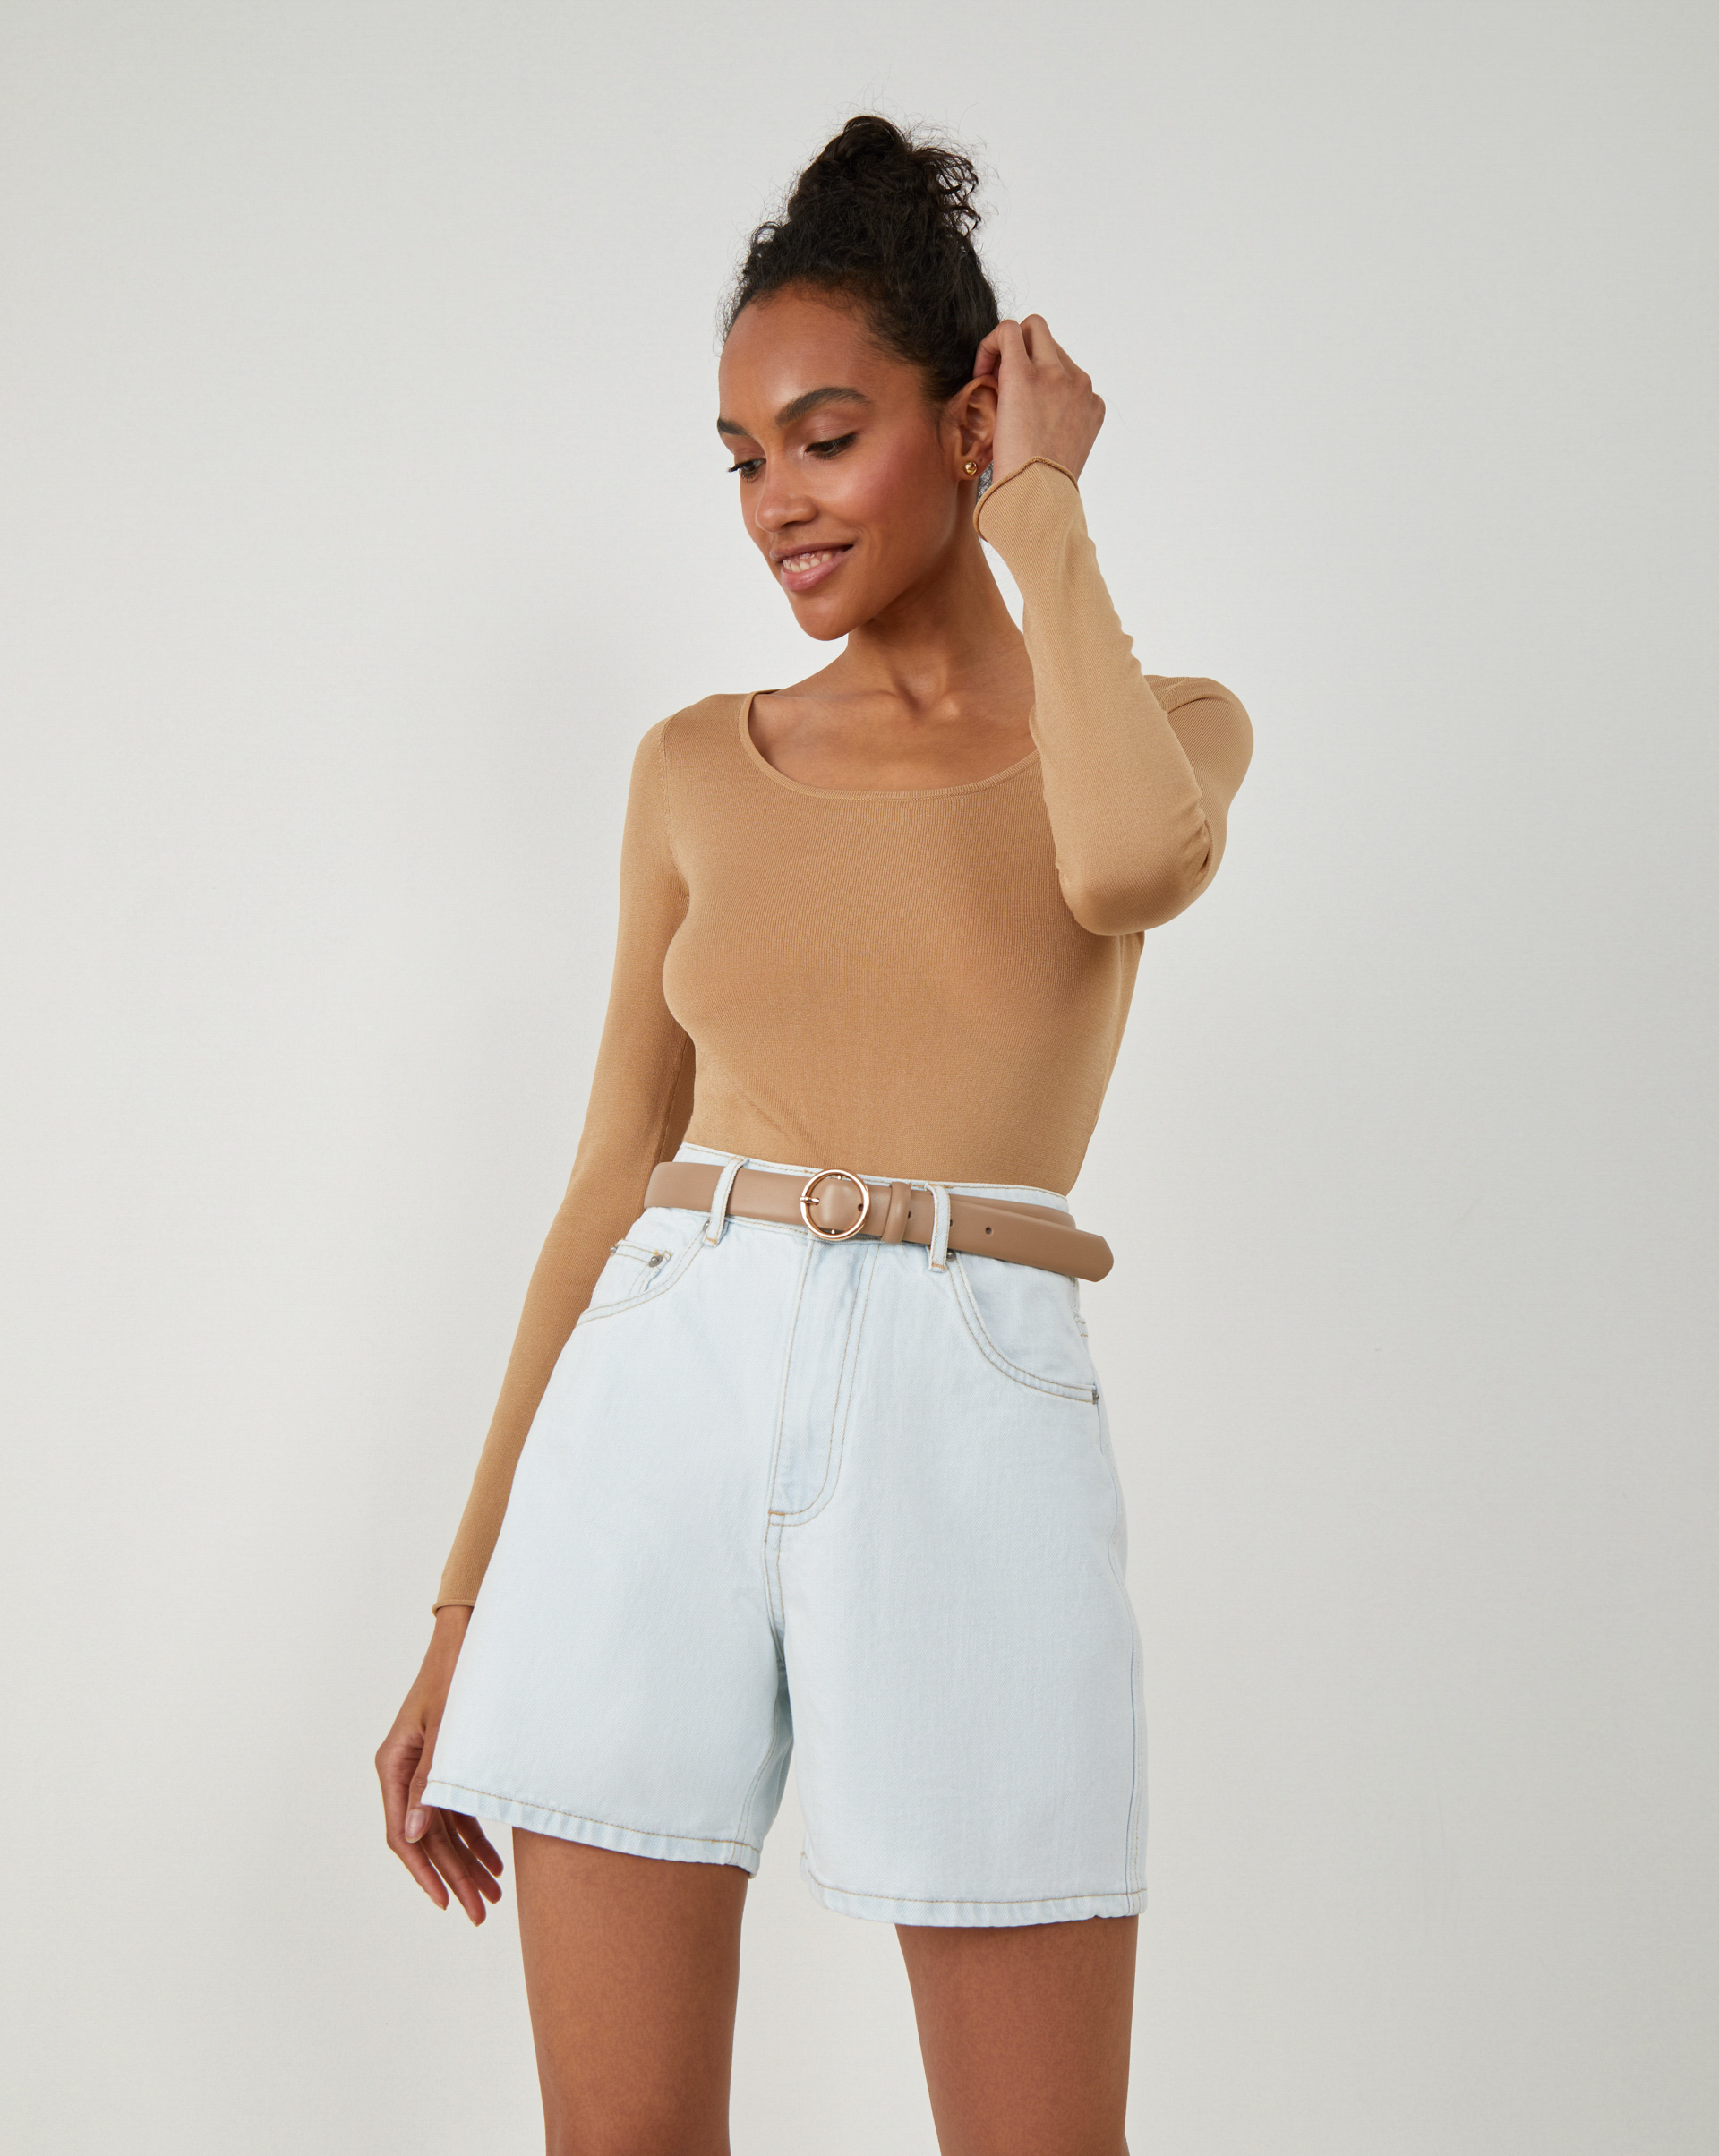 Фото - 12⠀STOREEZ Джинсовые шорты please джинсовые шорты